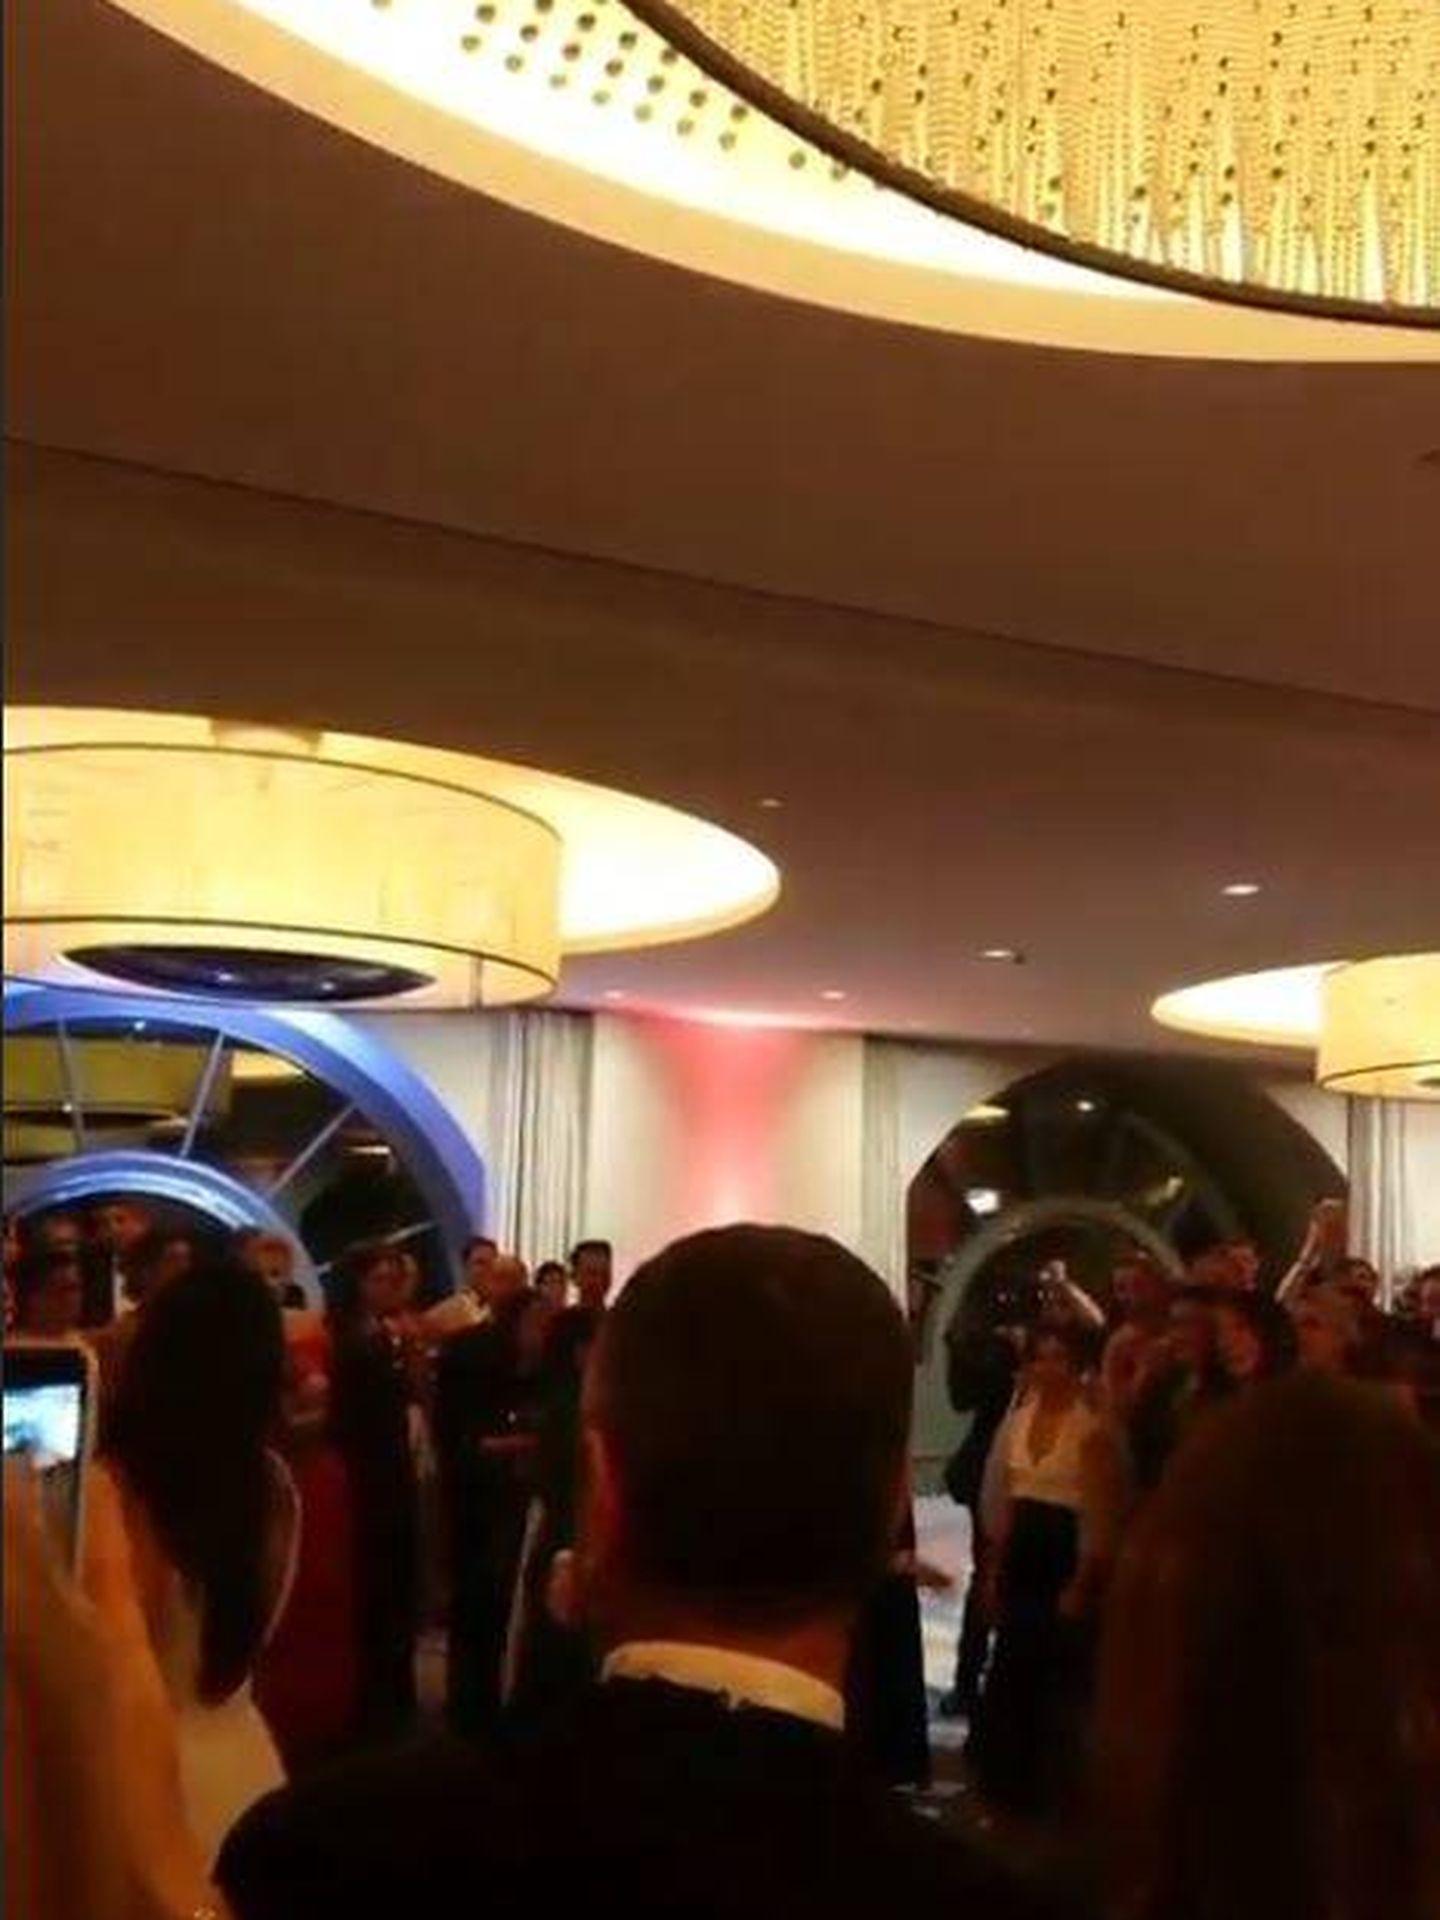 Marie, en la parte izquierda de la imagen, preparada para lanzar su ramo de novia. (@tom.martini)